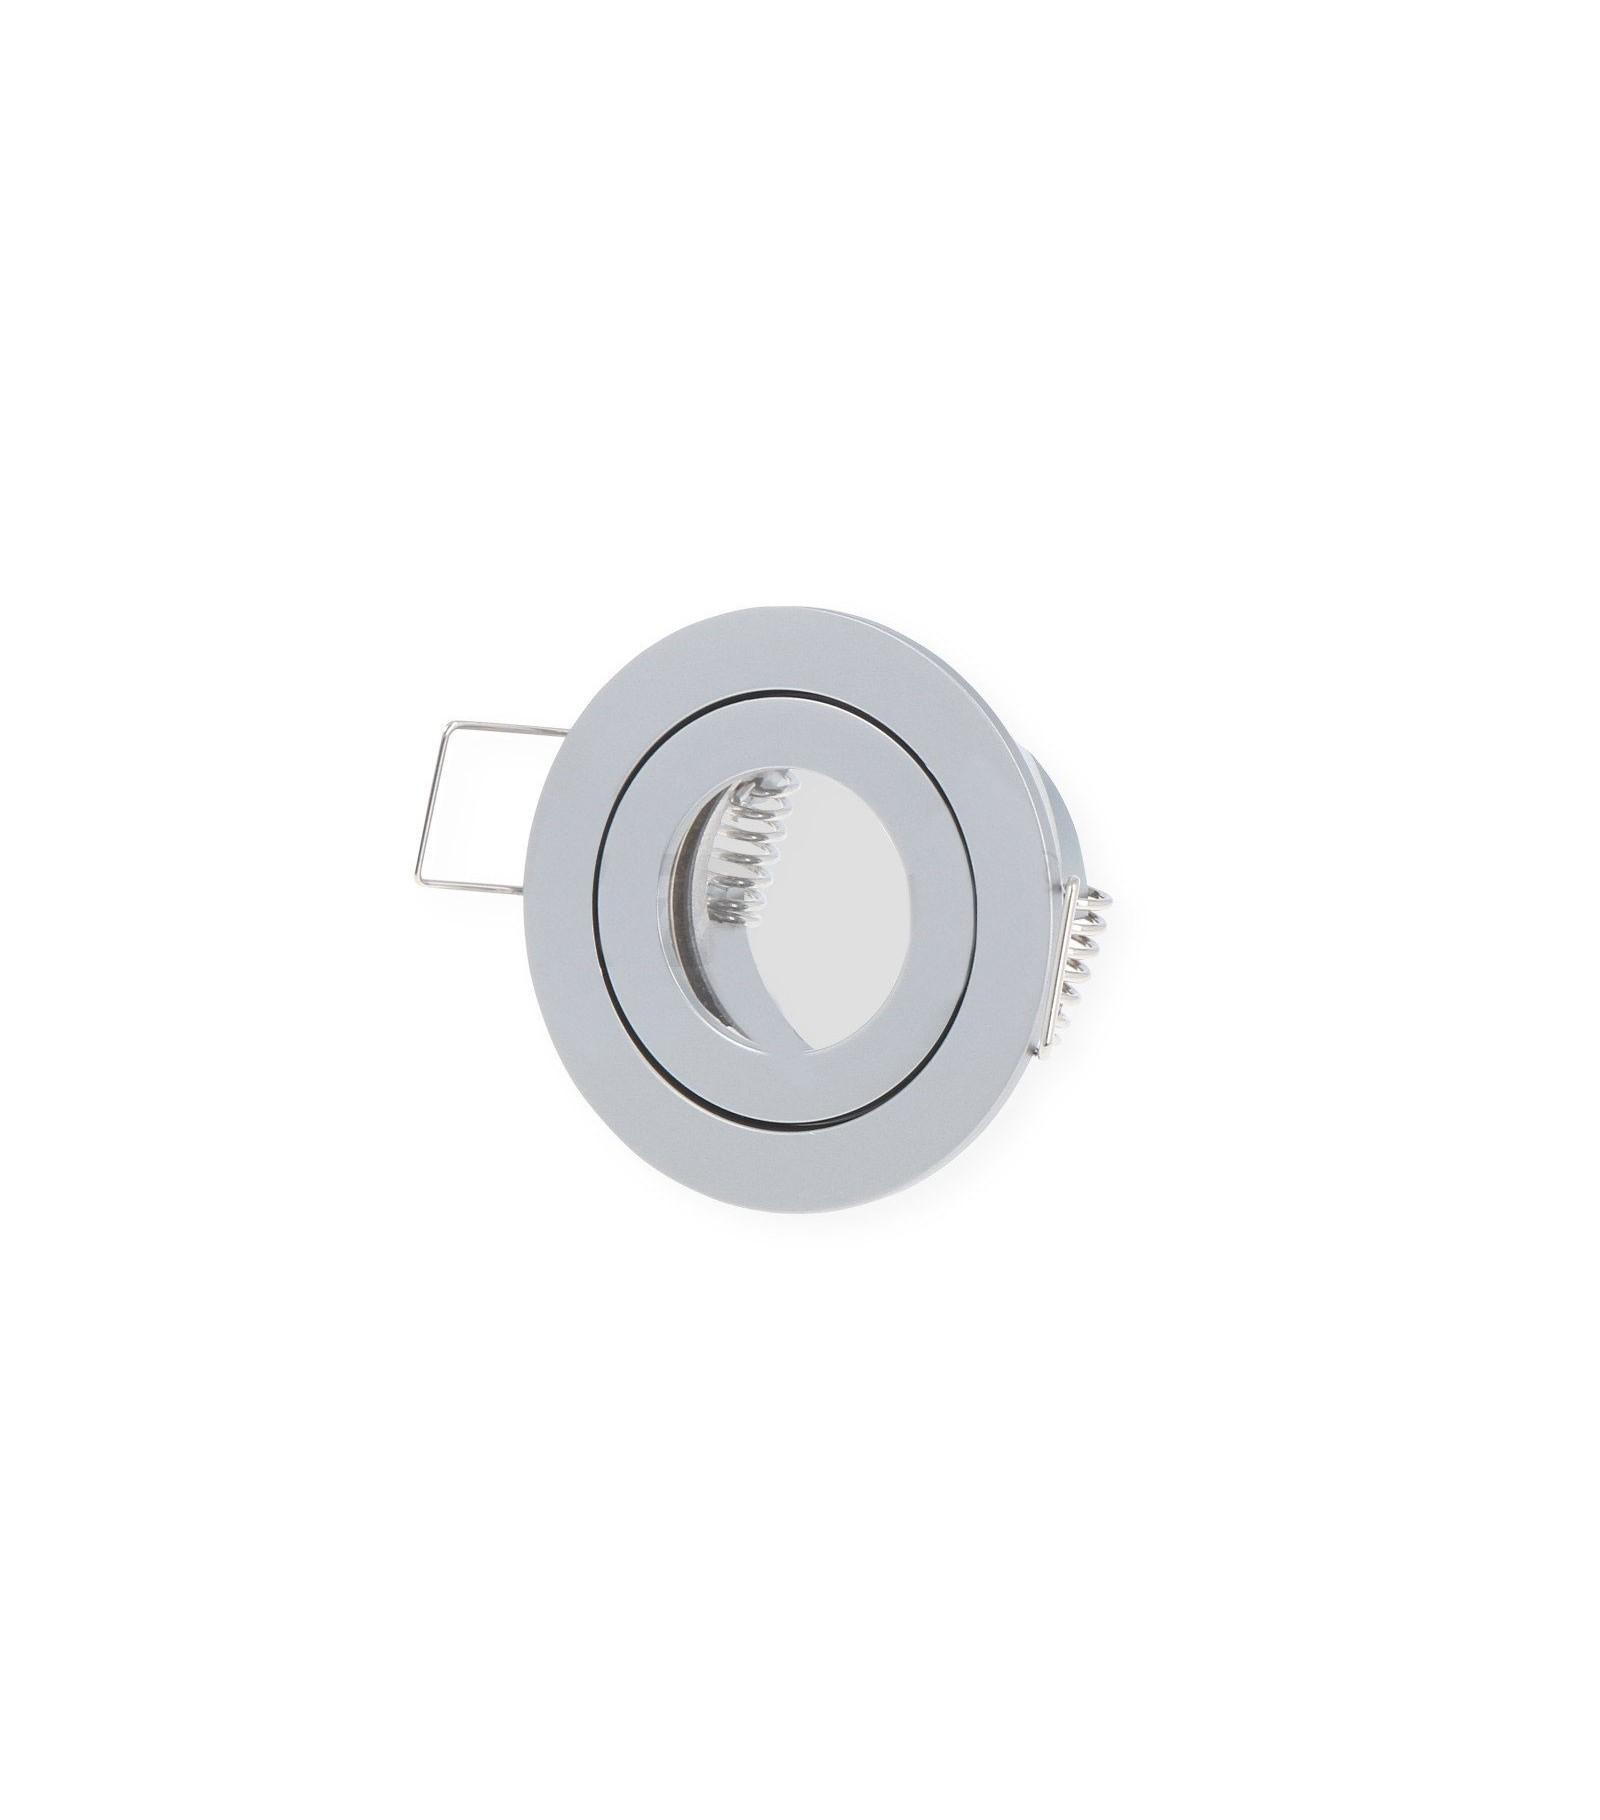 Quel Spot Dans Salle De Bain mini spot encastrables graphite salle de bain mr11 ip20/44 gu5.3 rond  ledline - 249280